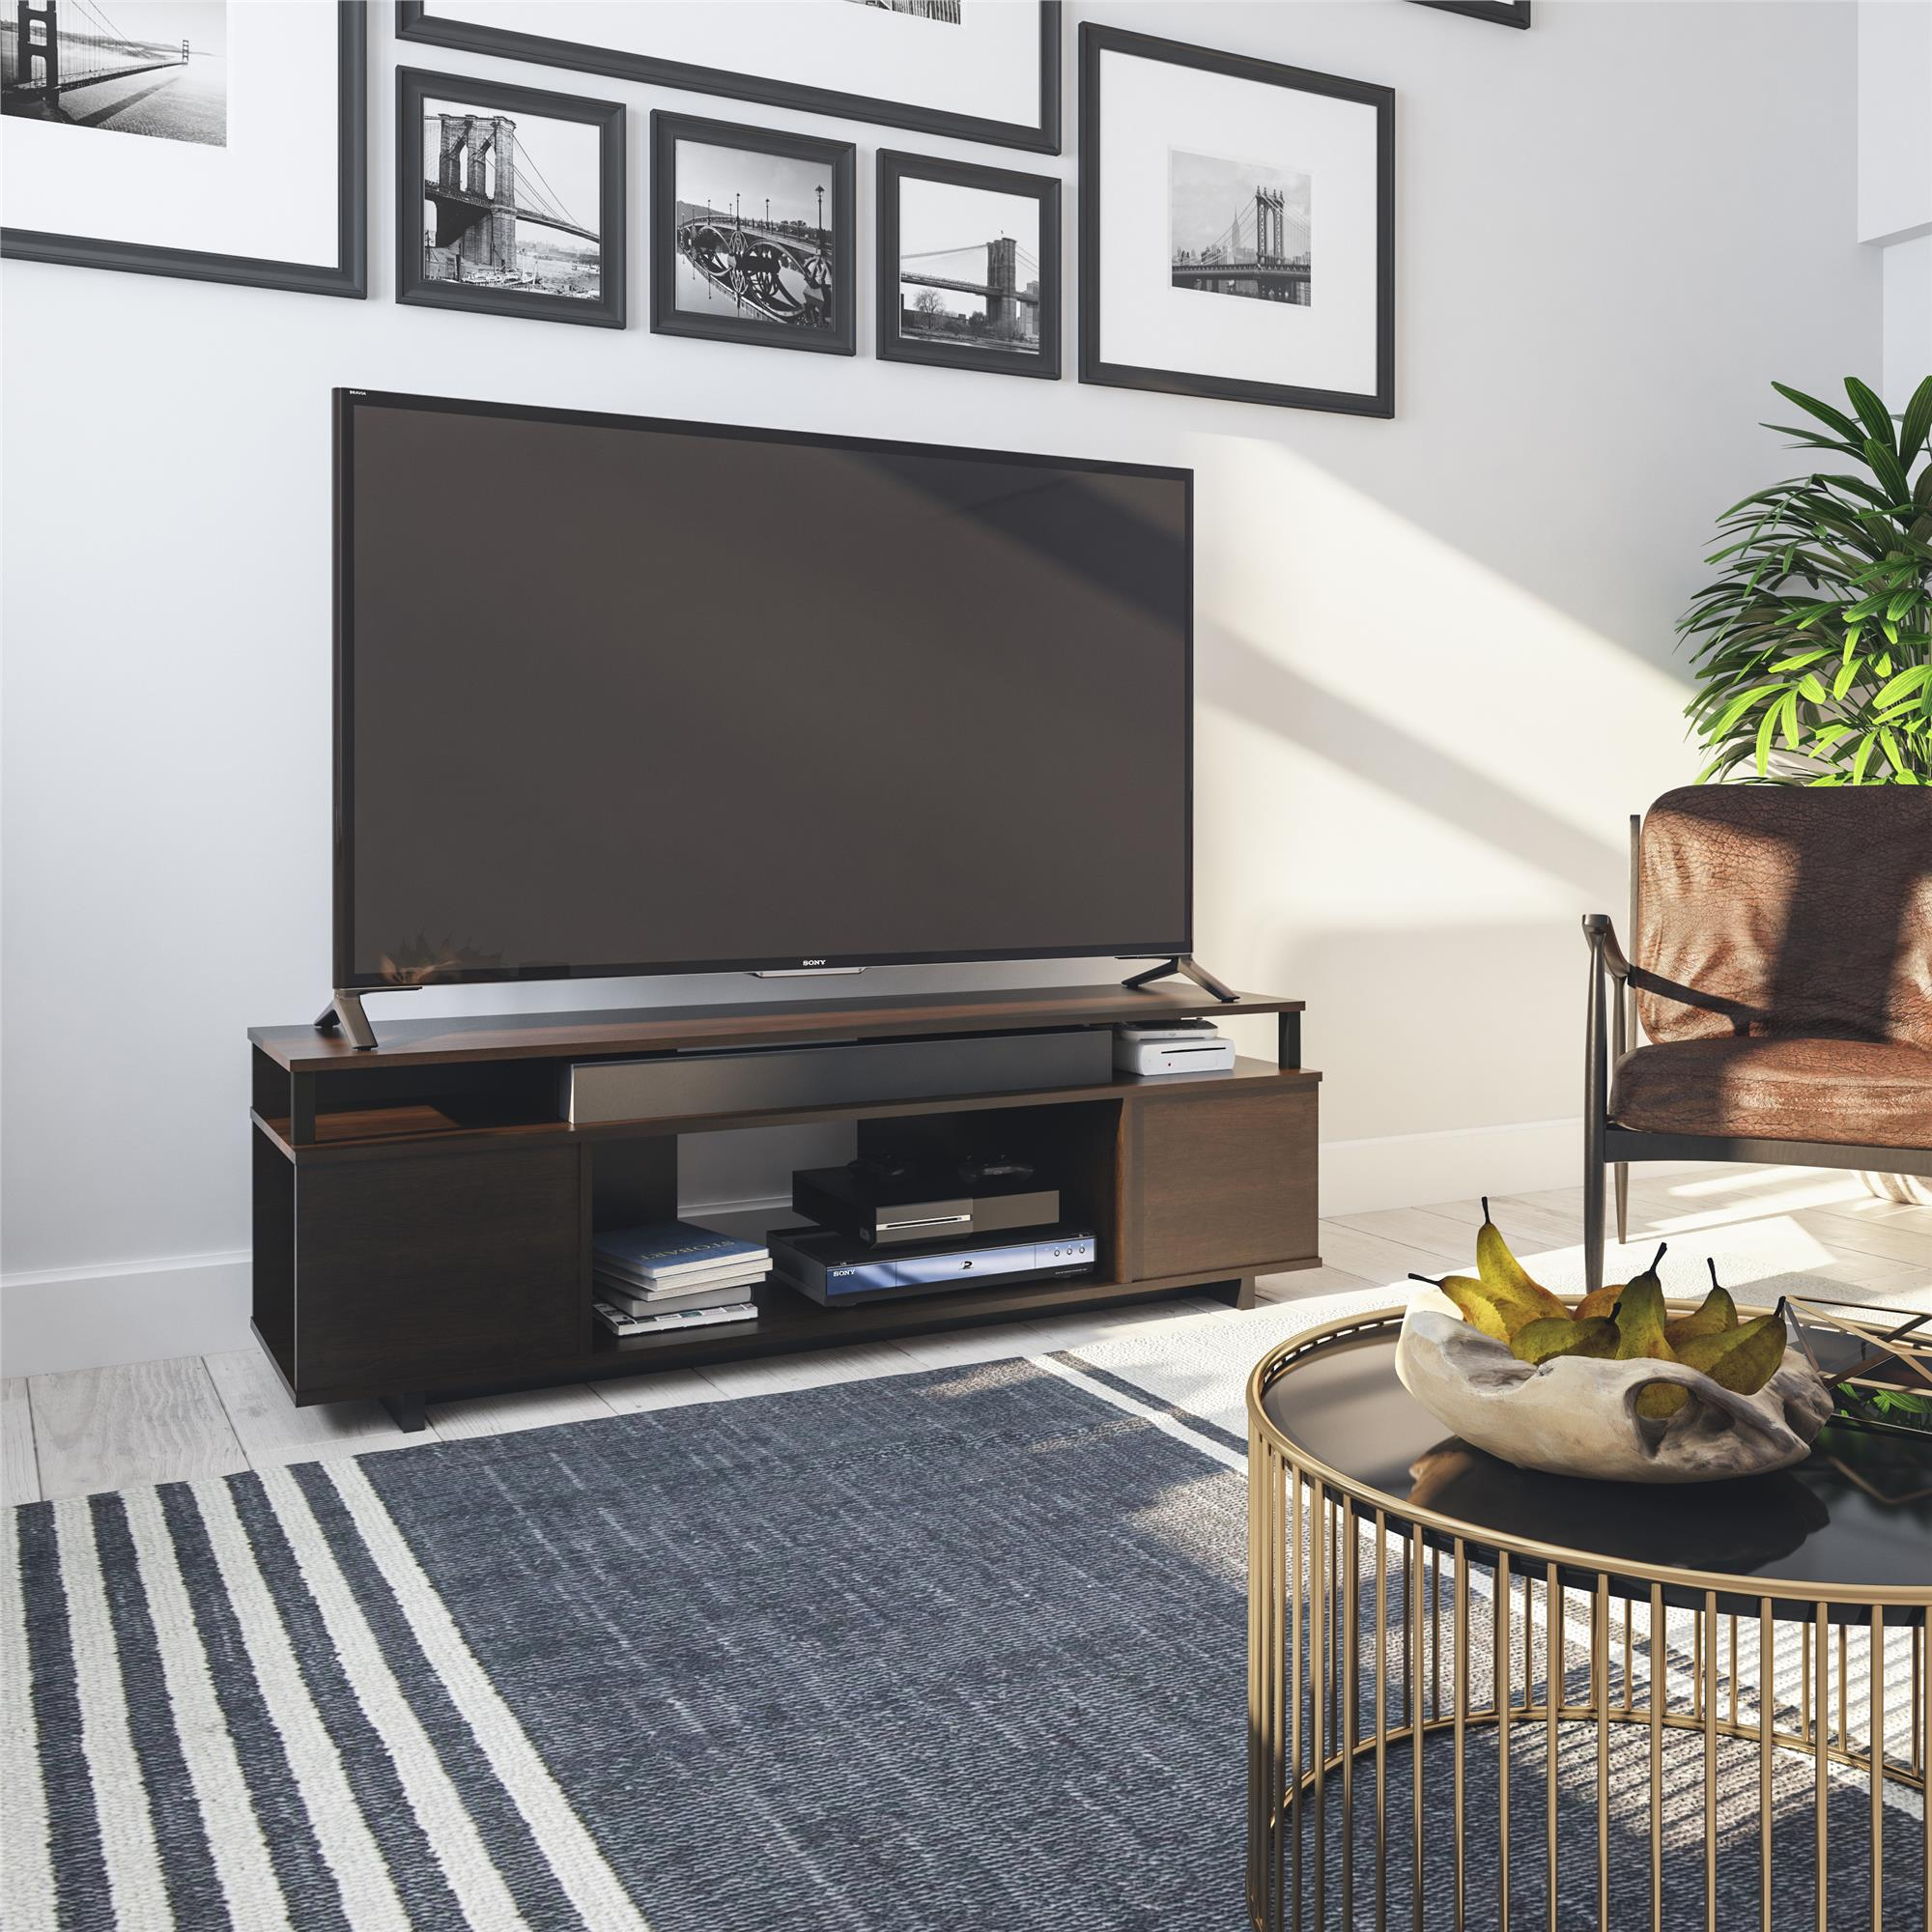 Ameriwood Home Kensington Place Tv Stand For Tvs Up To 65 Espresso Walmart Com Walmart Com